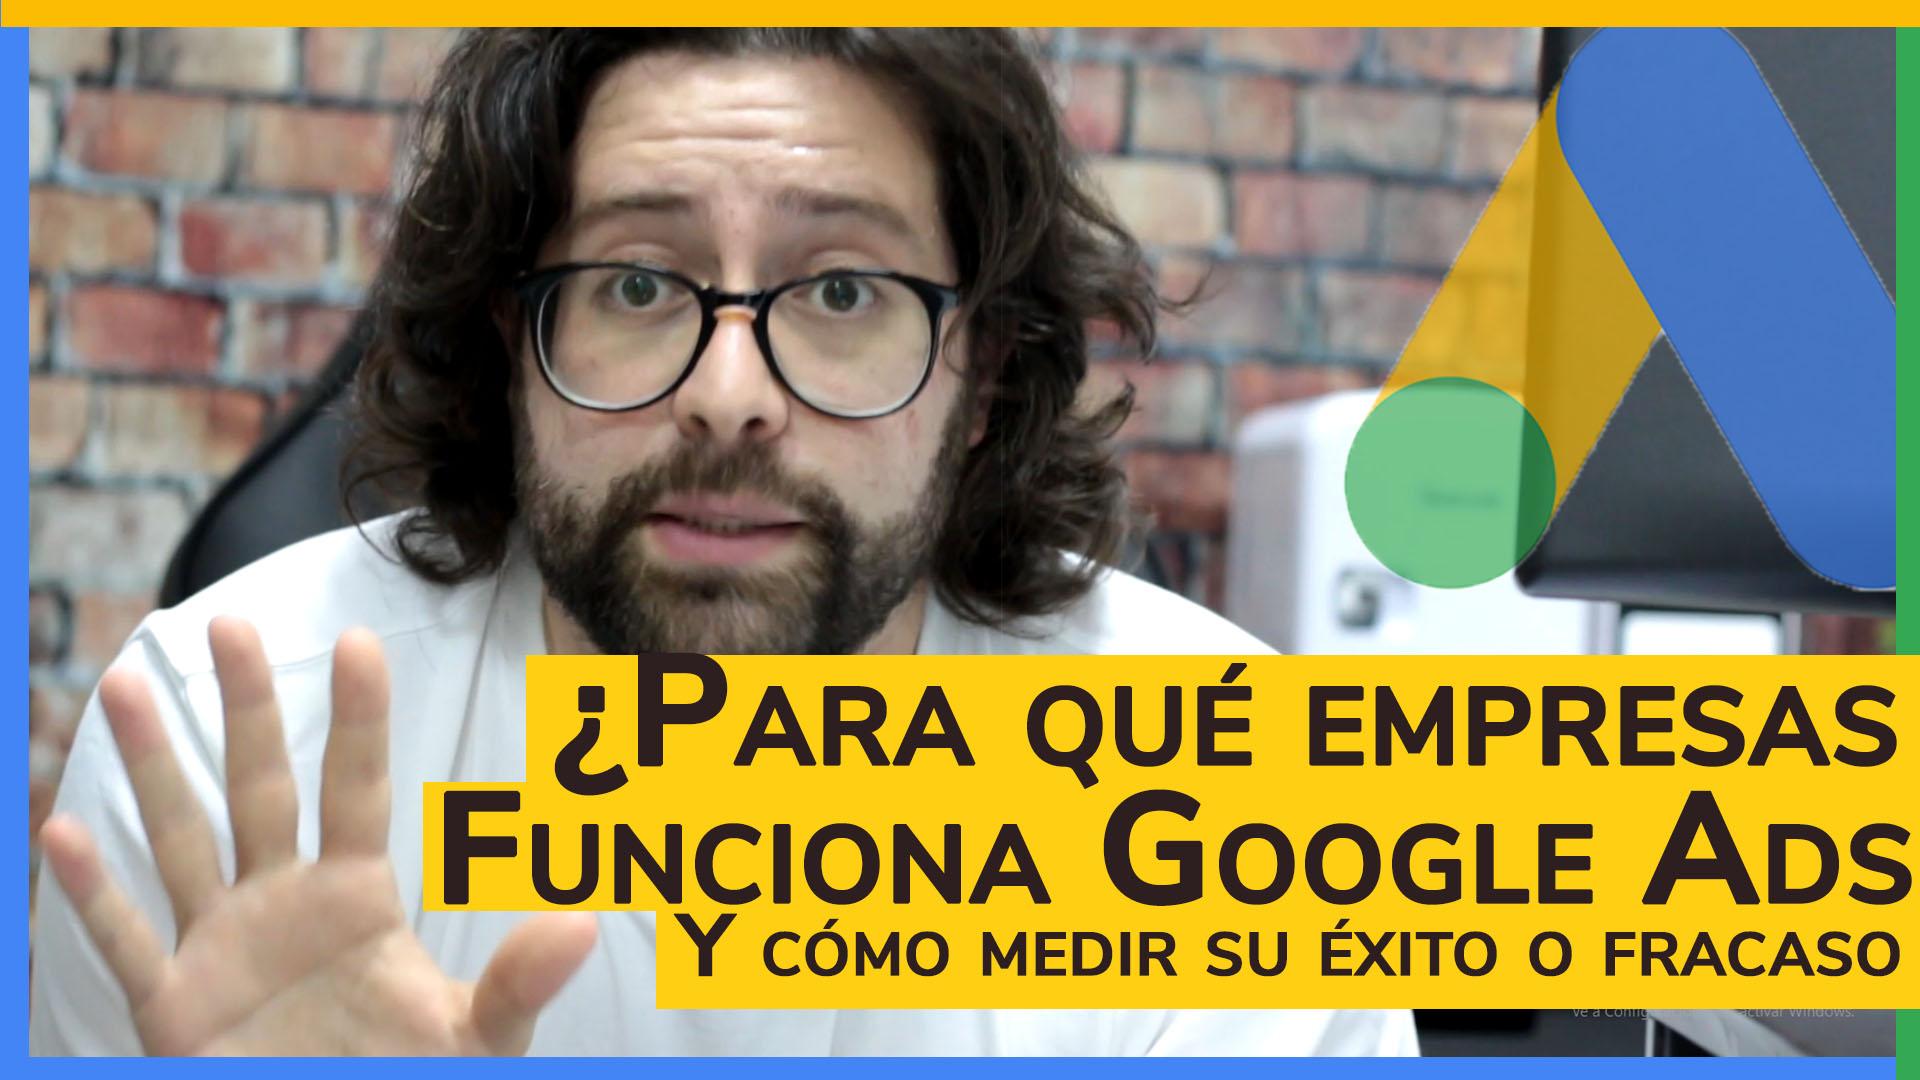 ¿Funcionará Google ads para mi negocio? Qué tipos de empresas pueden publicitarse en Google Ads 1